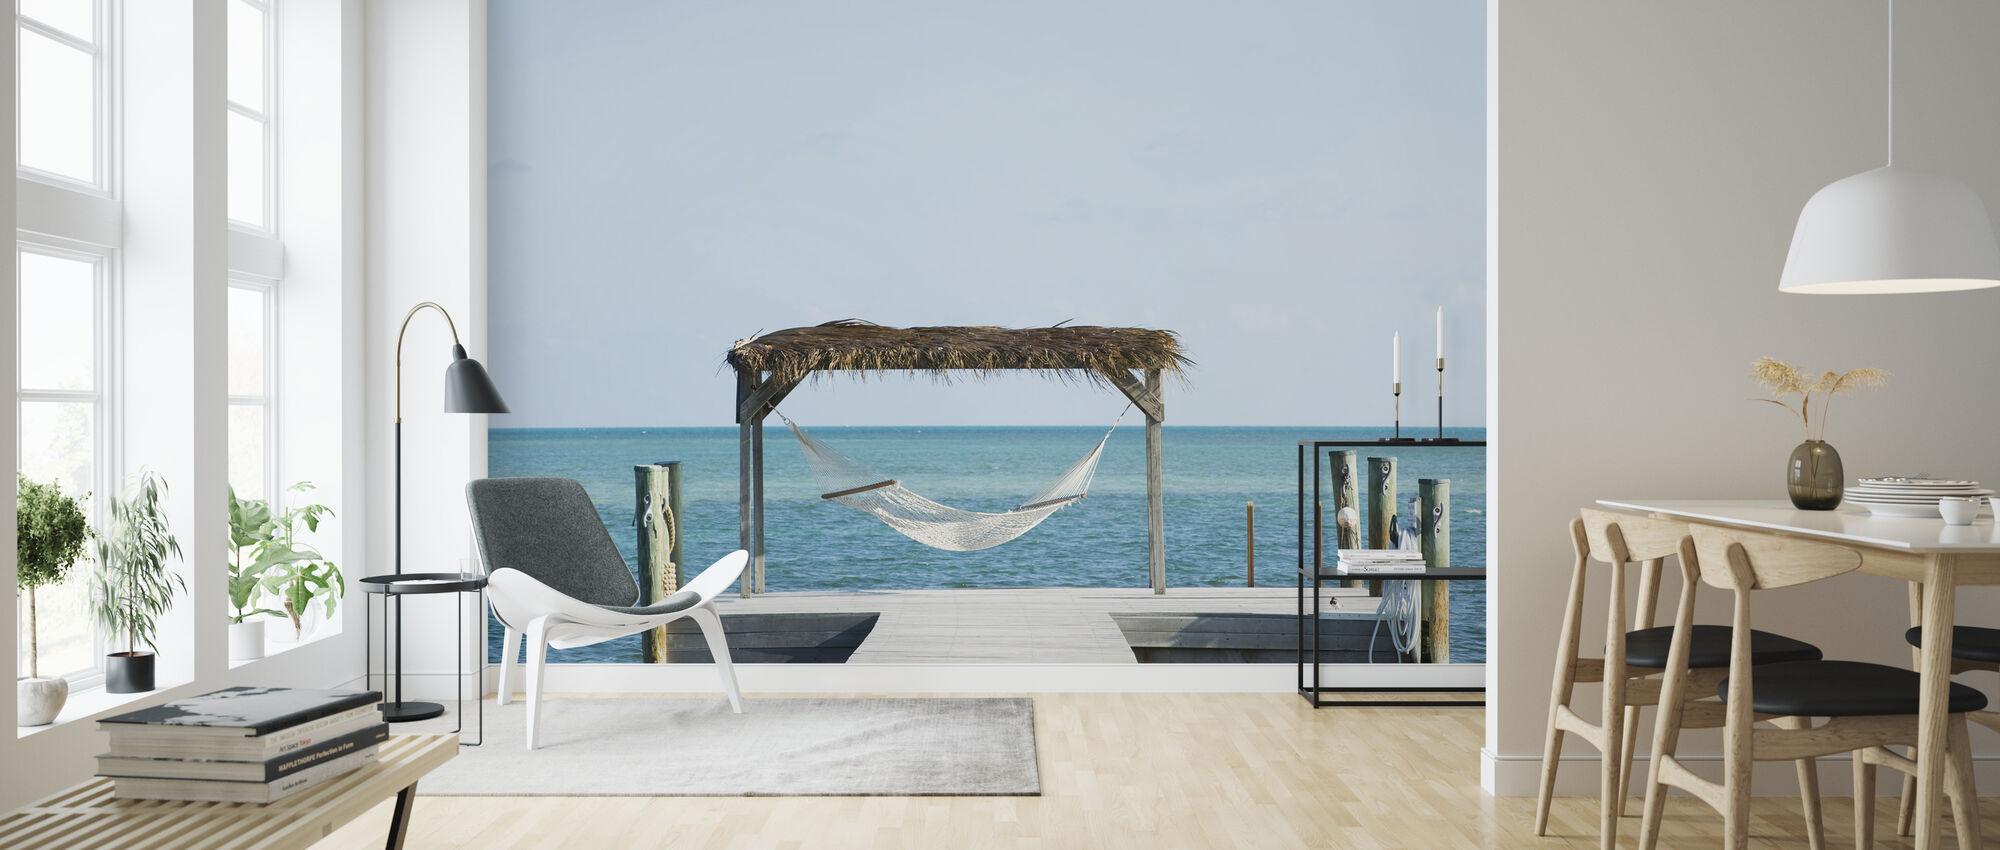 Florida Boardwalk,USA - Wallpaper - Living Room